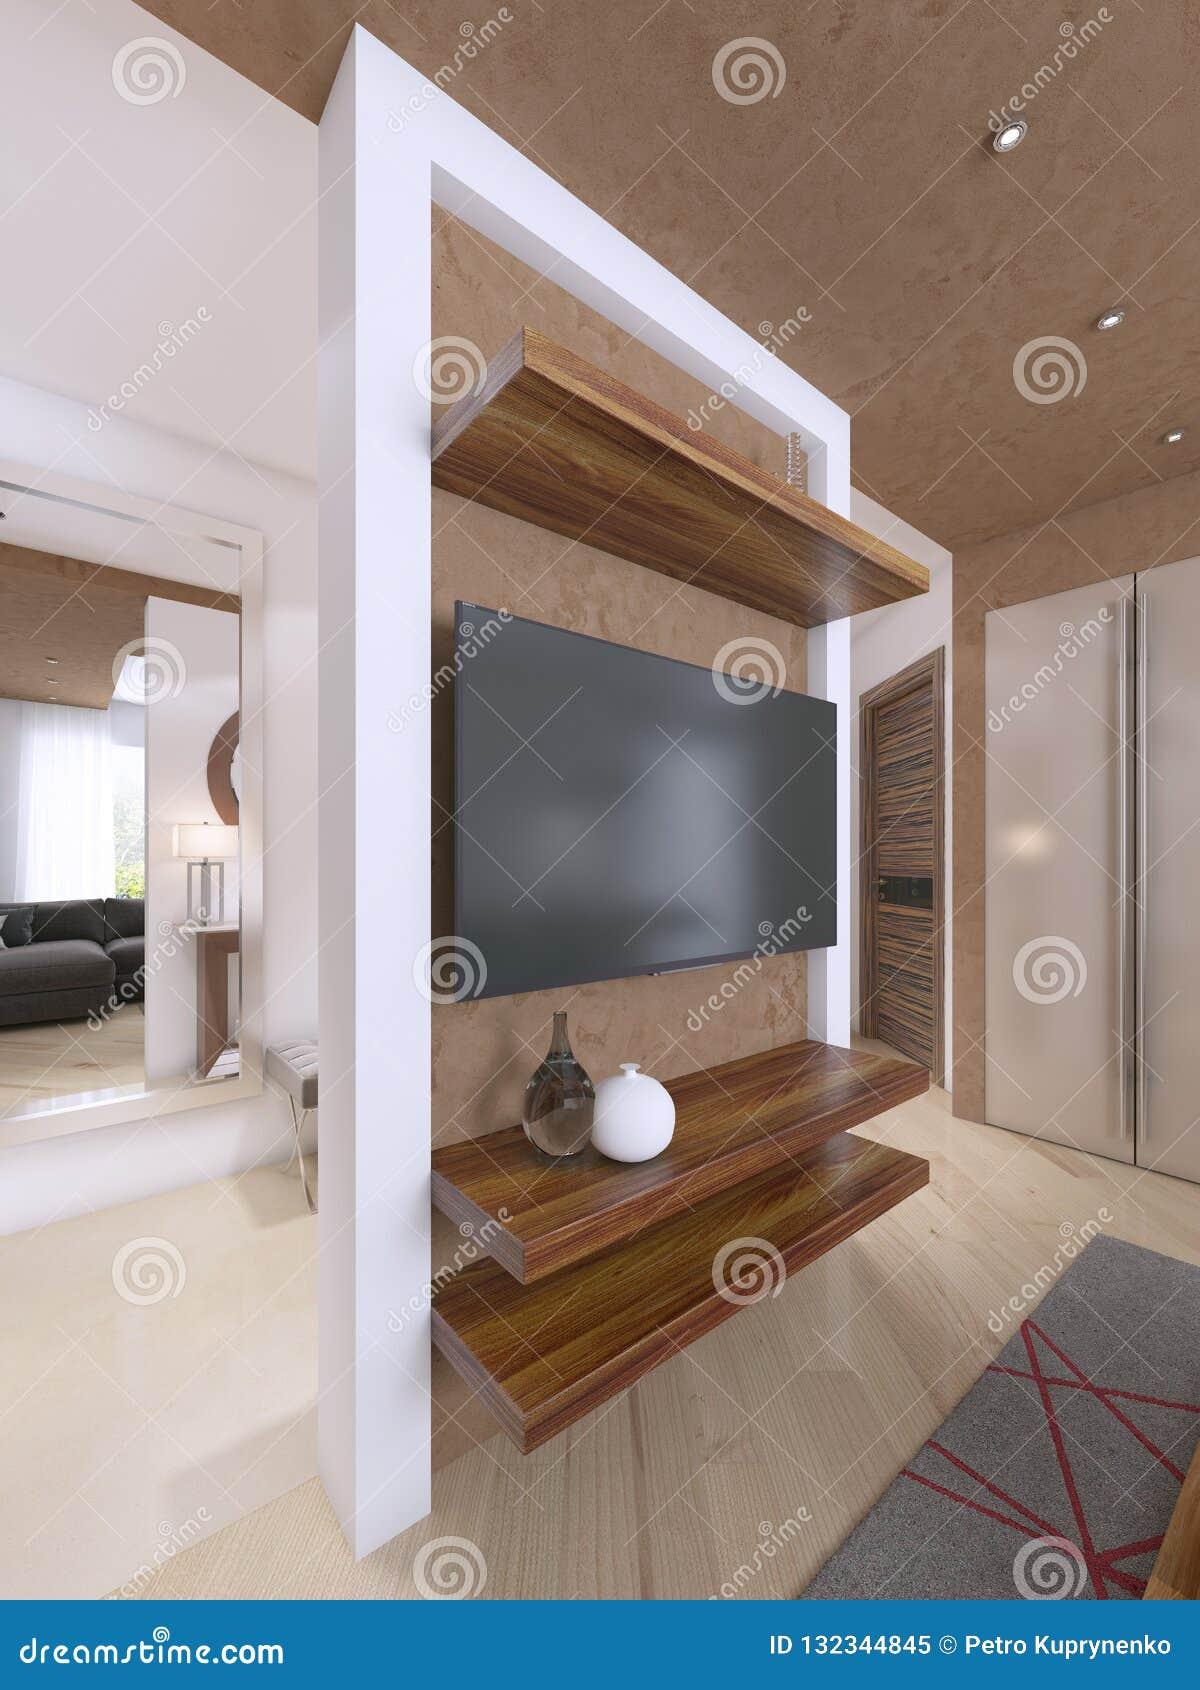 Designer Tv Unit In The Modern Living Room Stock Illustration Illustration Of Furniture Background 132344845